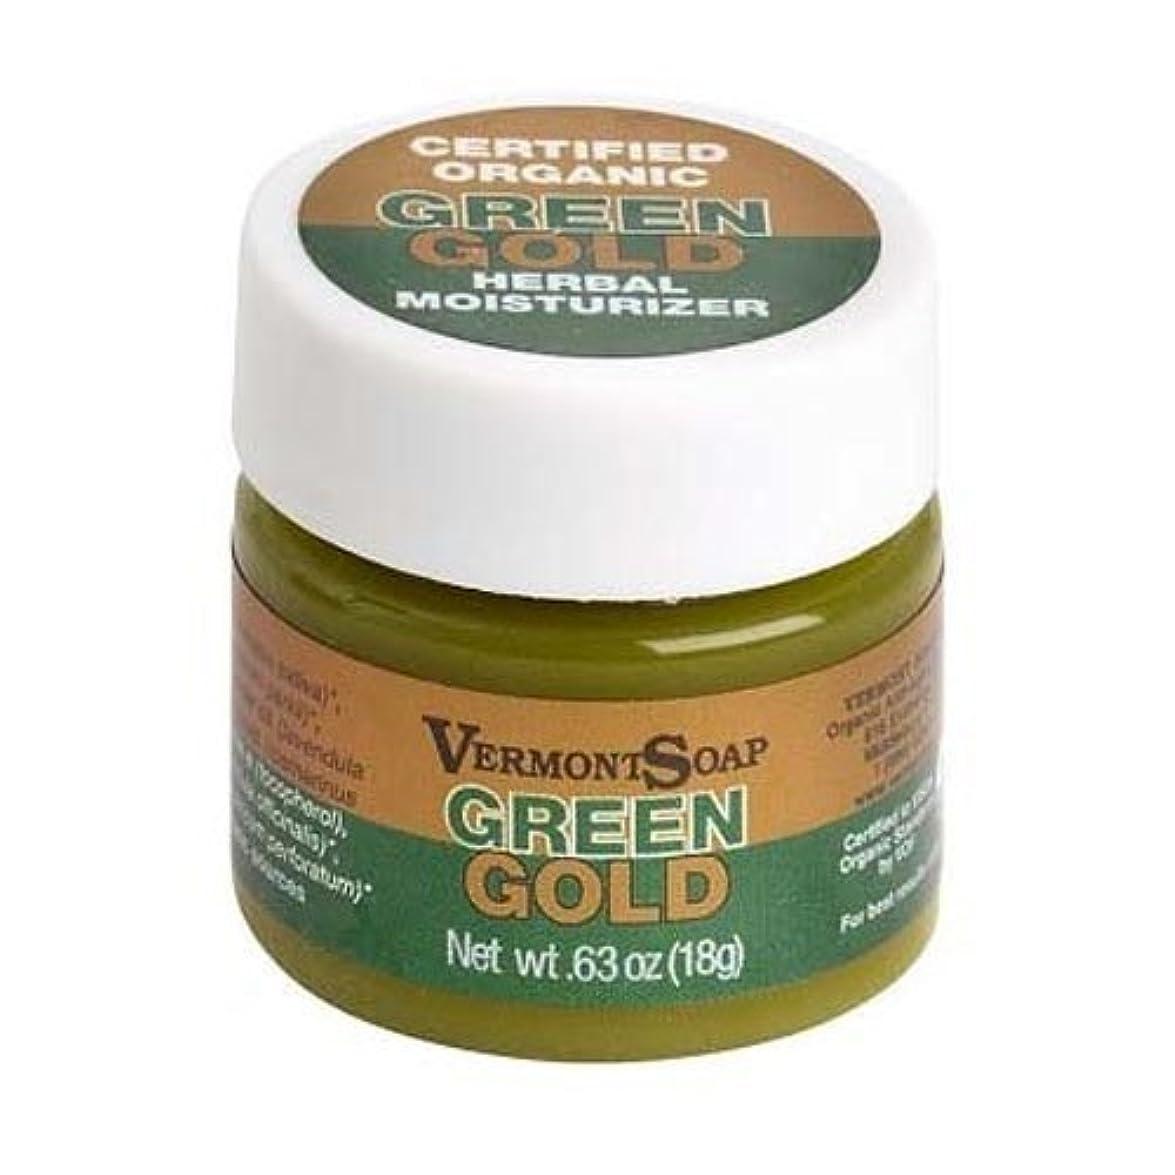 軽減適応的憲法バーモントソープ オーガニック保湿クリーム グリーンゴールドS